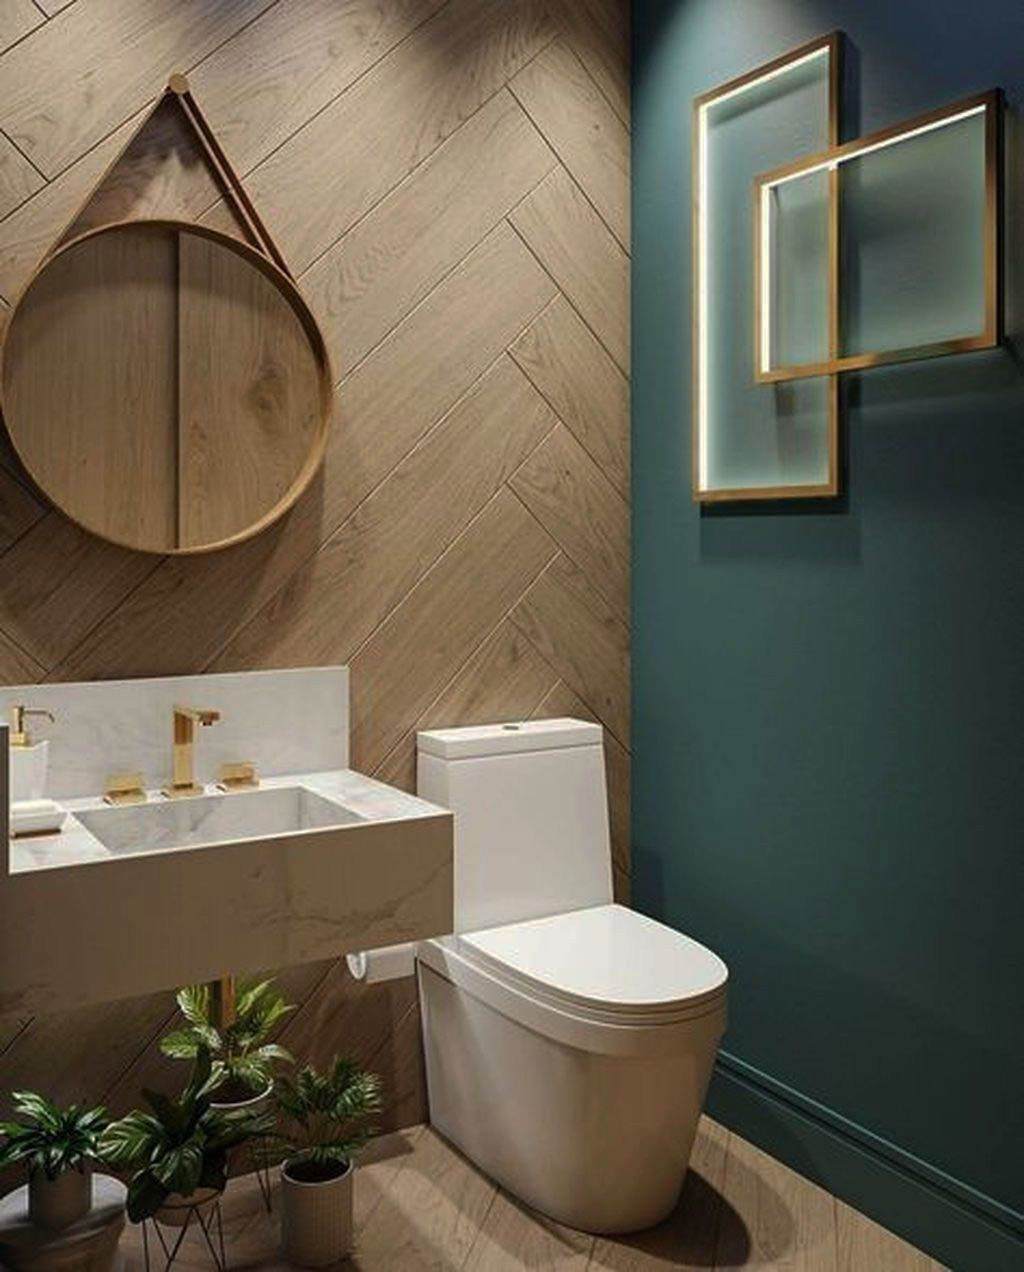 Unfamiliar Houzz Canada Powder Room Ideas Tips For 2019 Bathroom